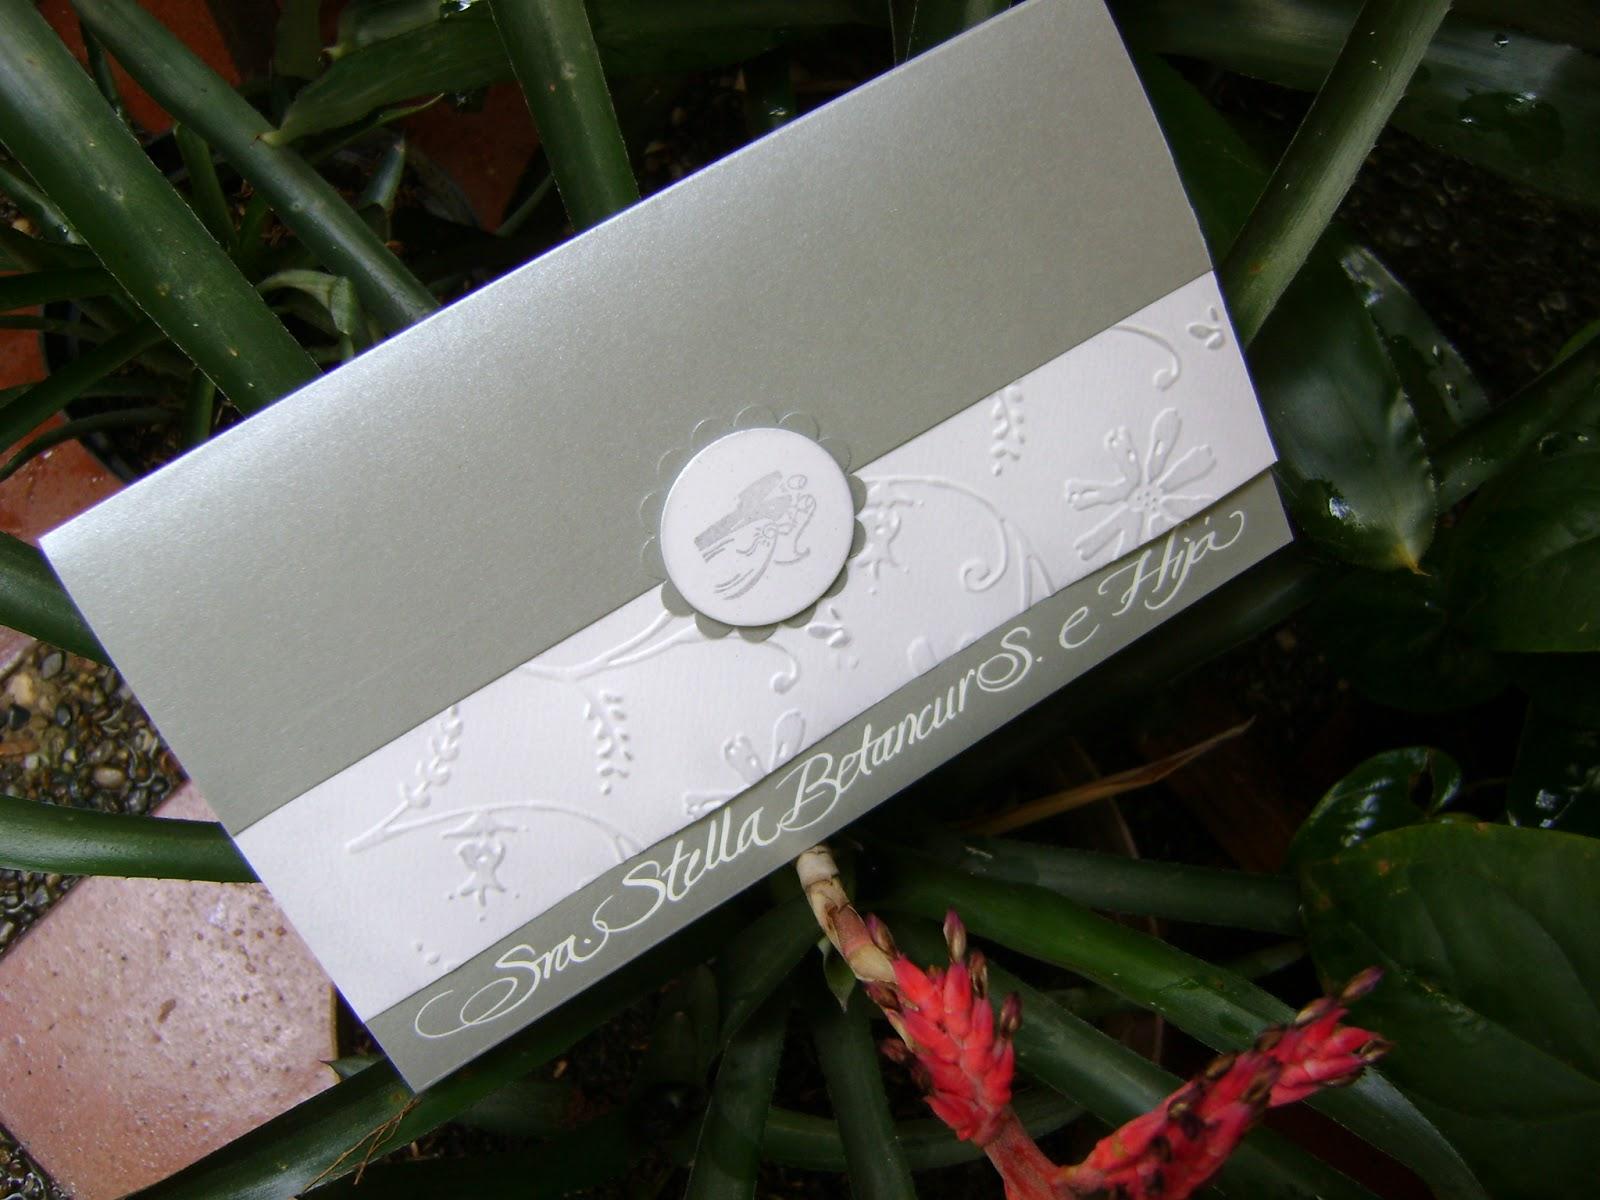 Dise os marta correa dise os personalizados de tarjetas - Disenos tarjetas de boda ...